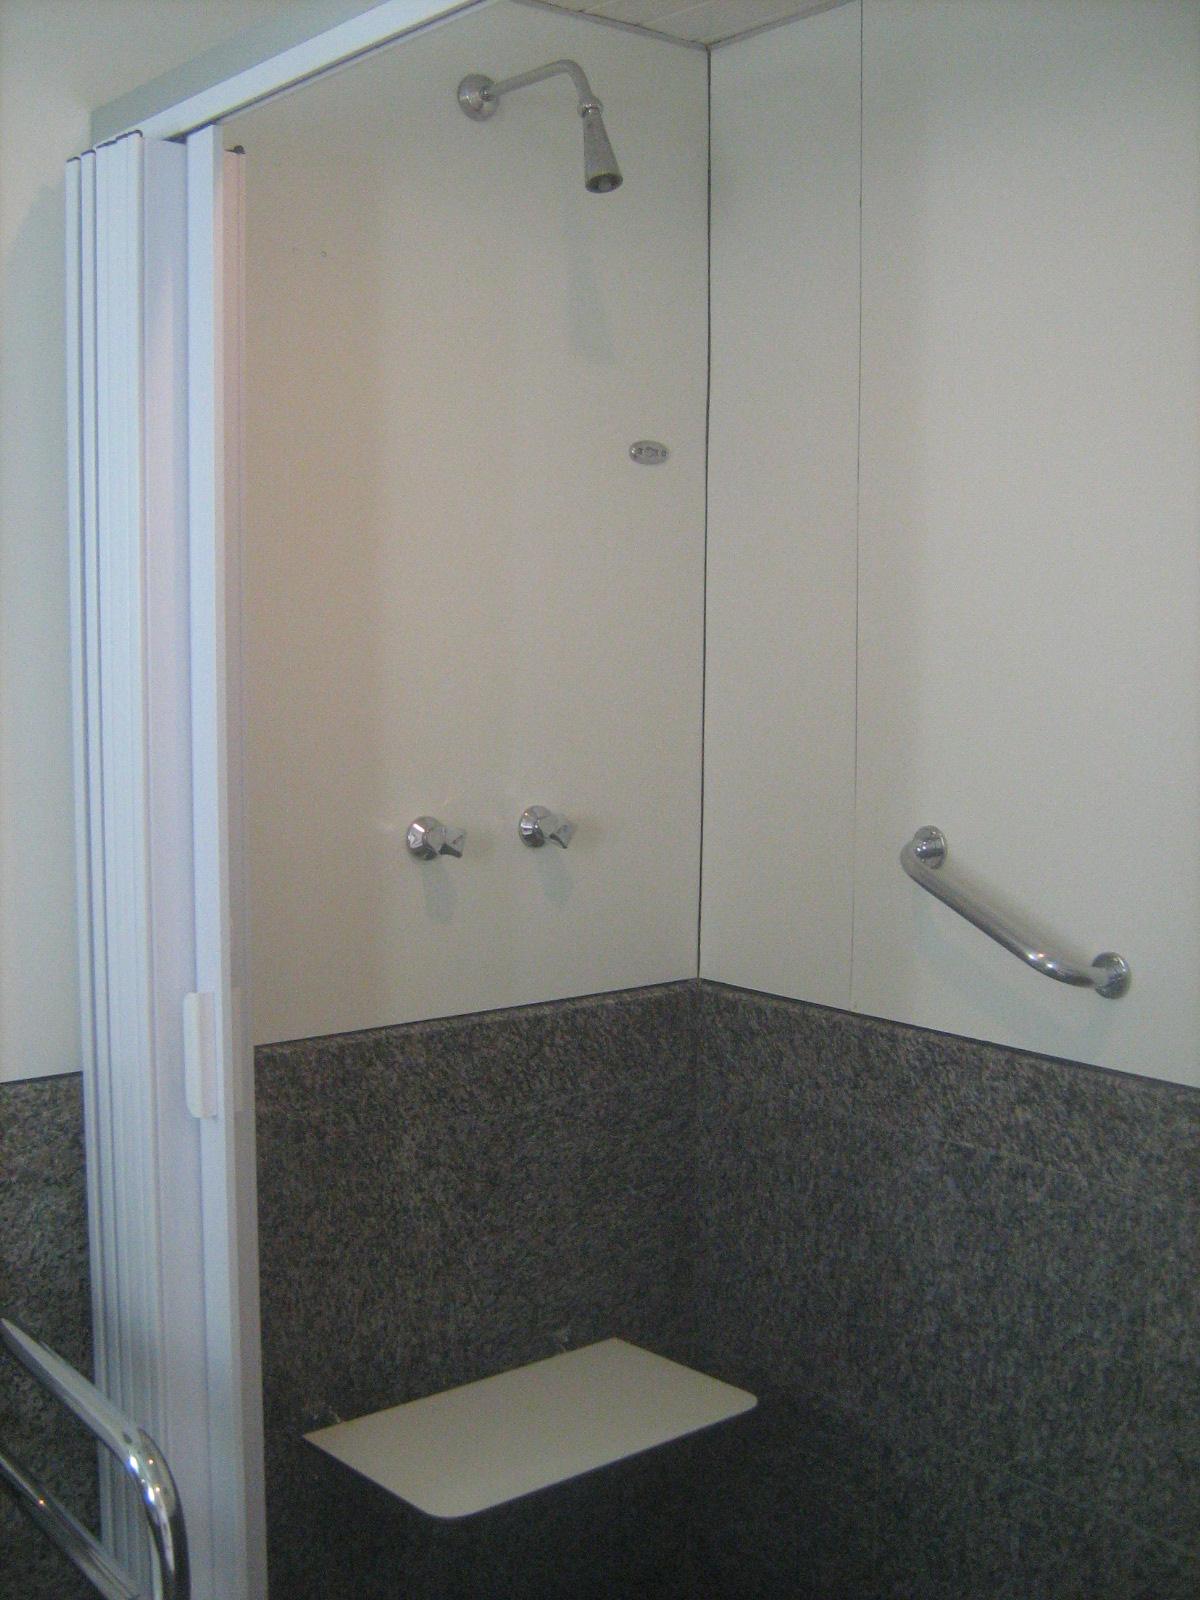 VIAJANTE ESPECIAL: Hotel Seara Fortaleza CE #586473 1200x1600 Banheiro Adaptado Com Chuveiro